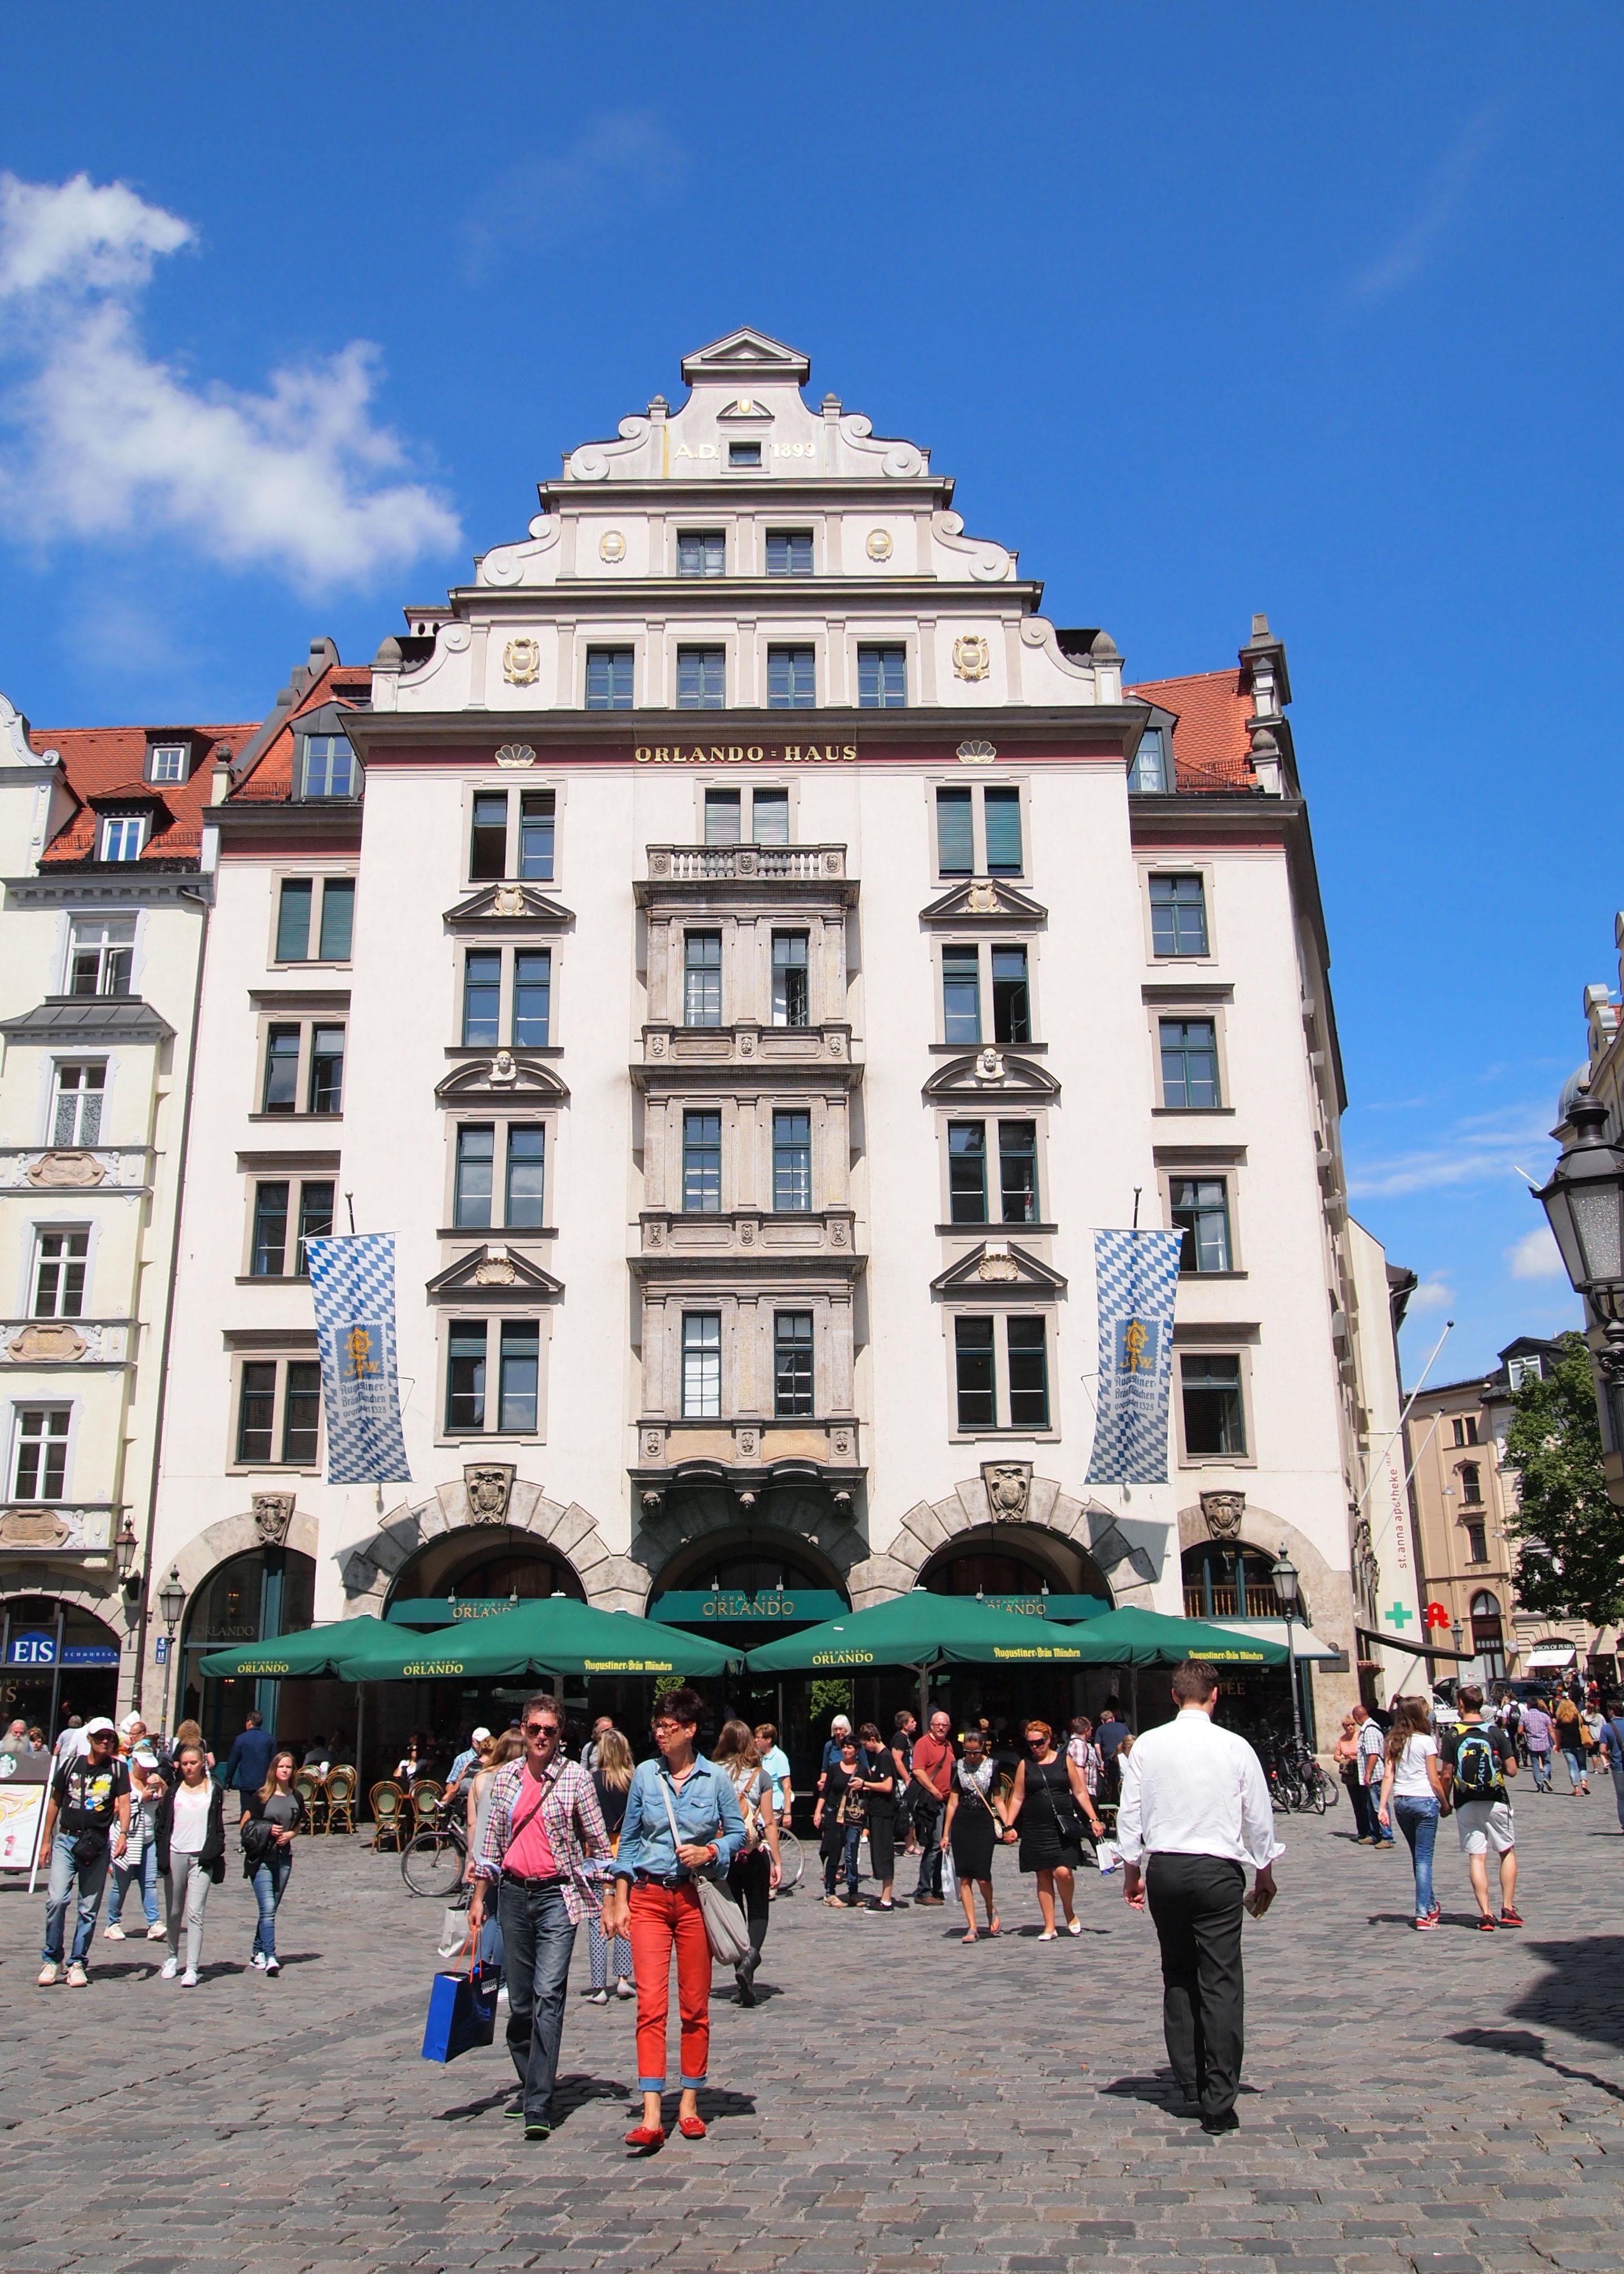 Orlando Haus file munich orlando haus jpg wikimedia commons